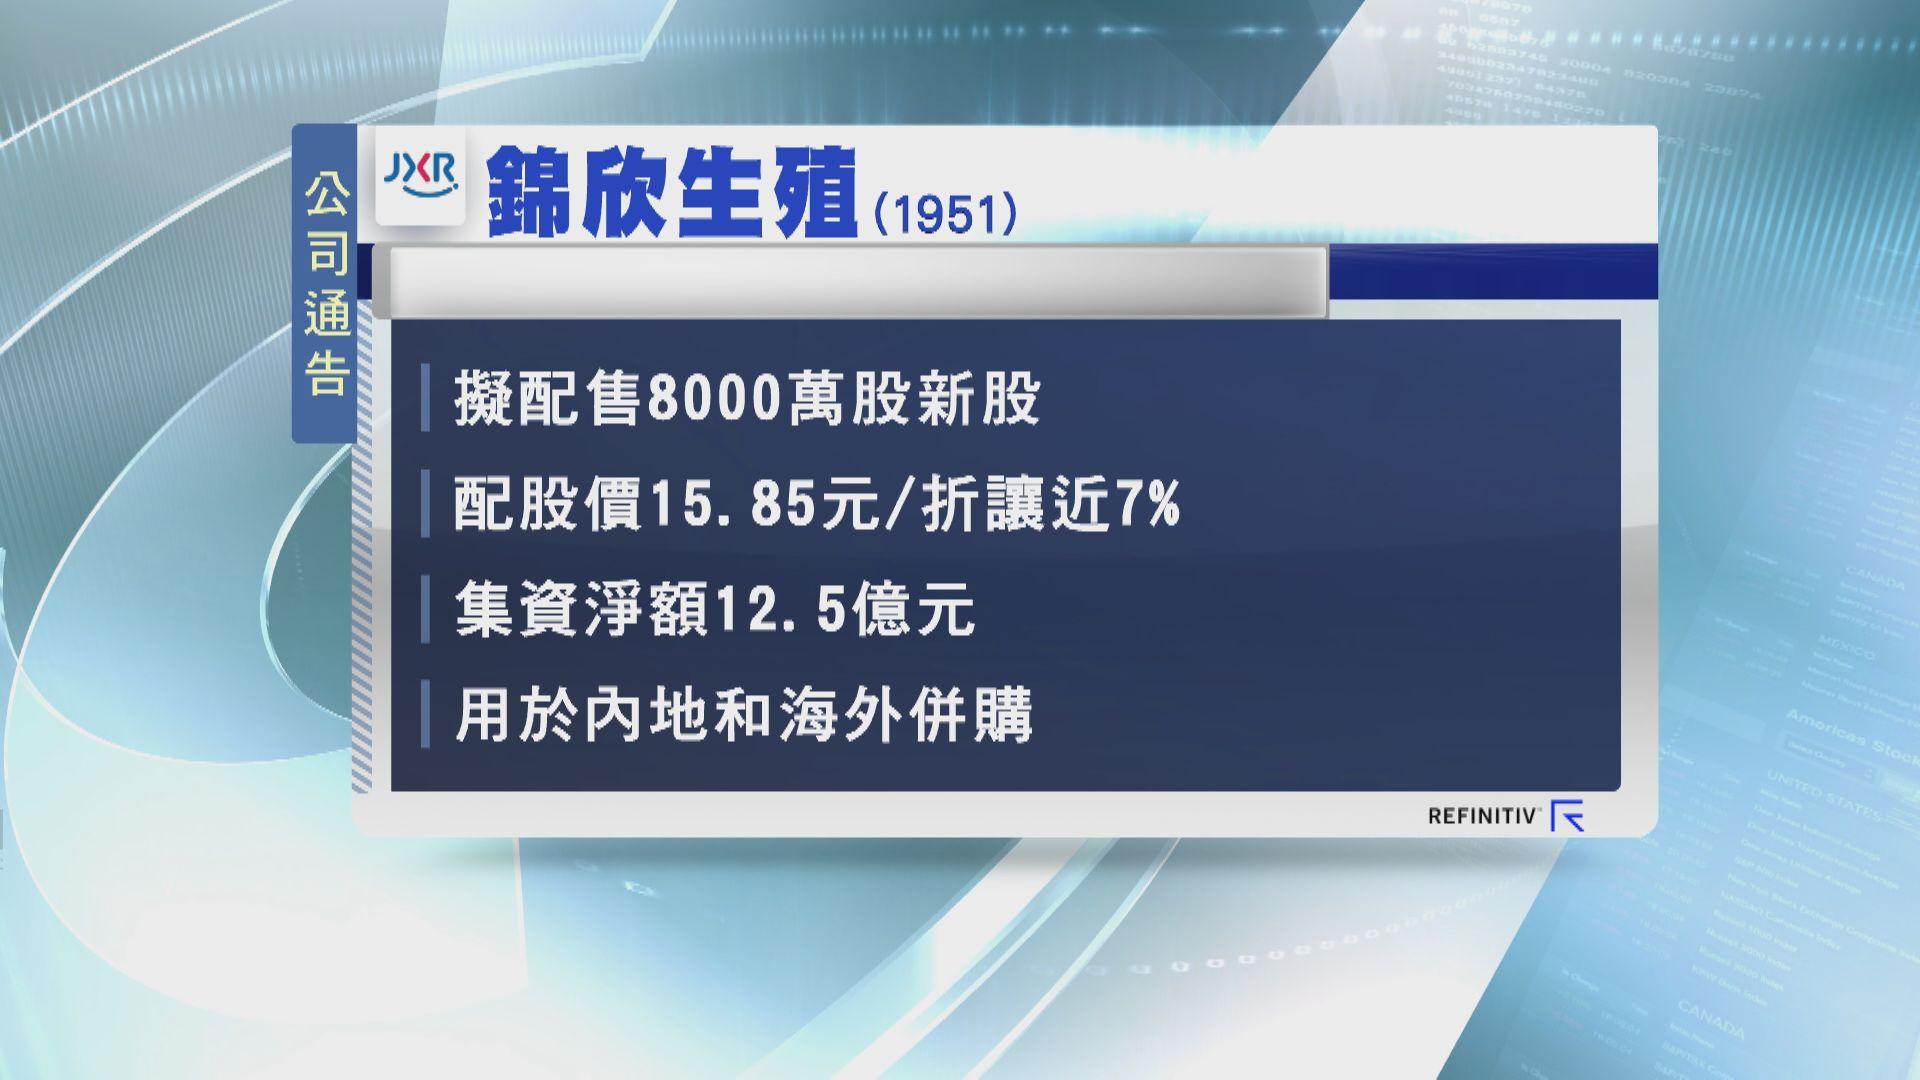 錦欣擬折讓配股 籌逾12億